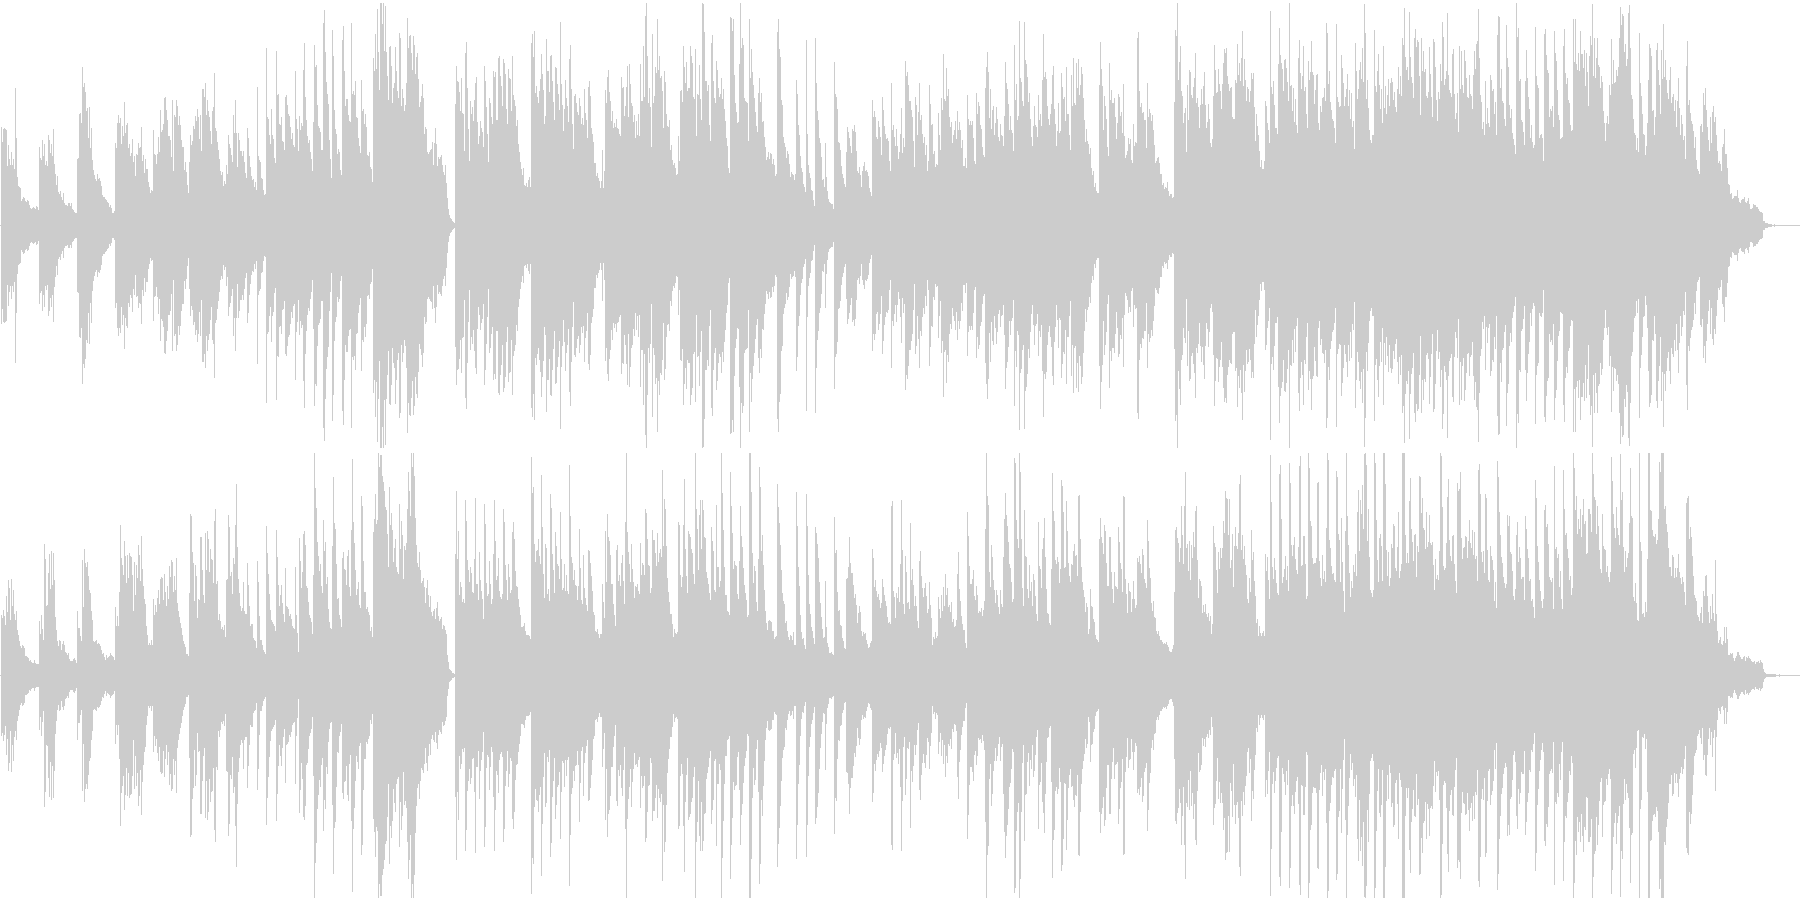 甘く切ない恋愛のようなピアノソロ 約3分の未再生の波形